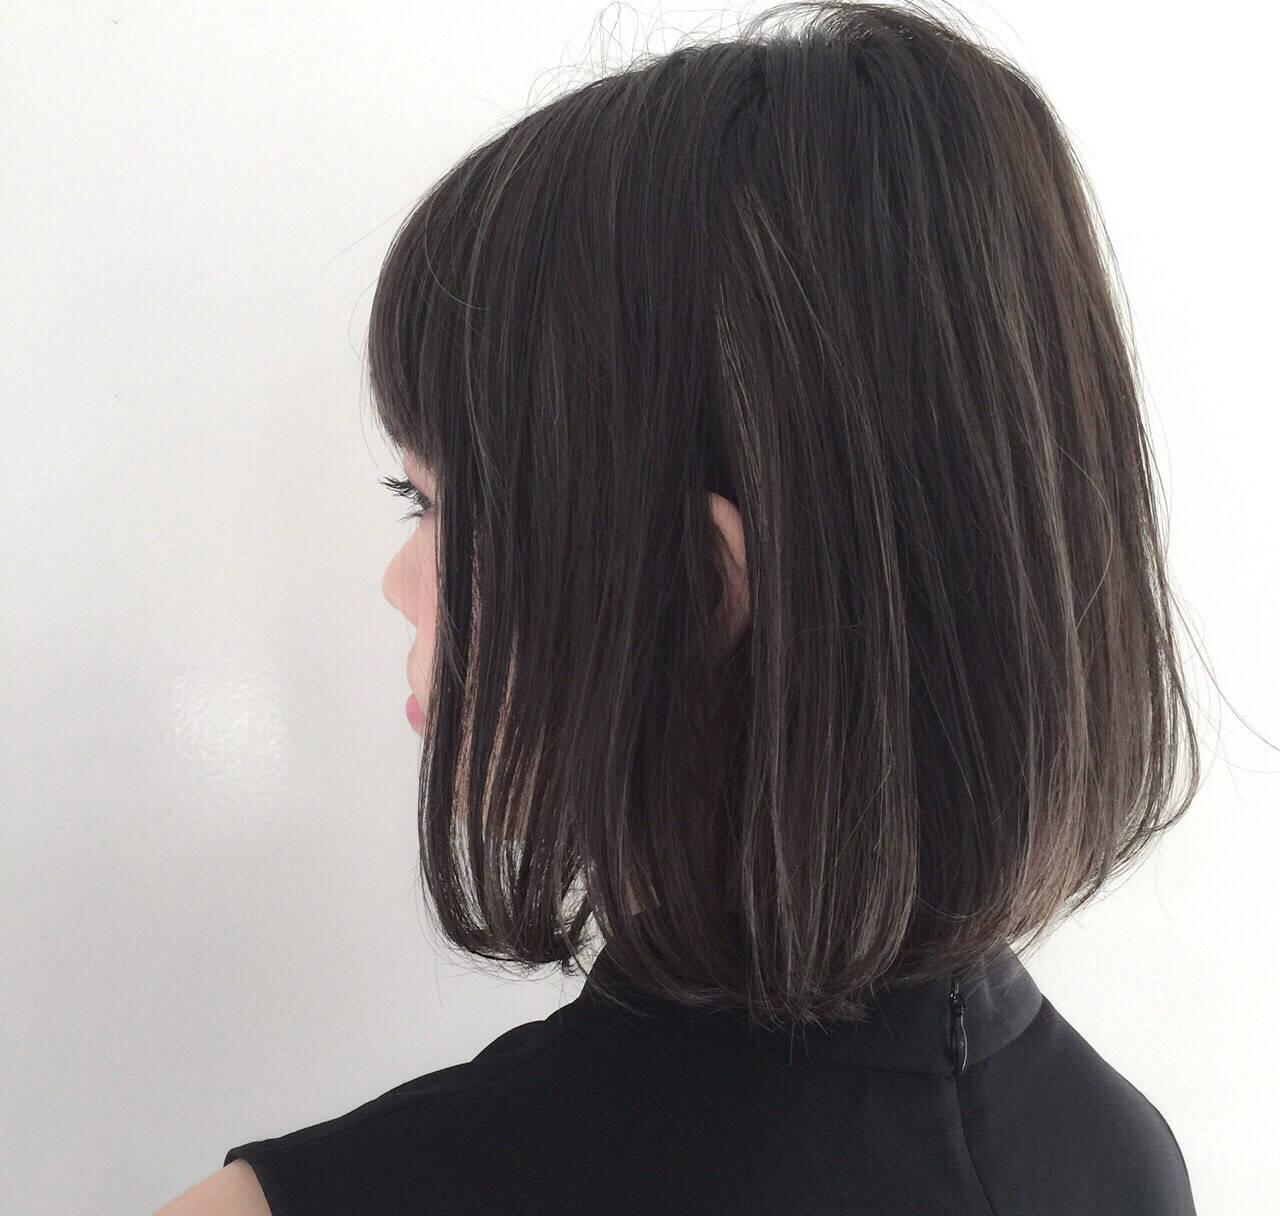 ストリート アッシュ ボブ ハイライトヘアスタイルや髪型の写真・画像